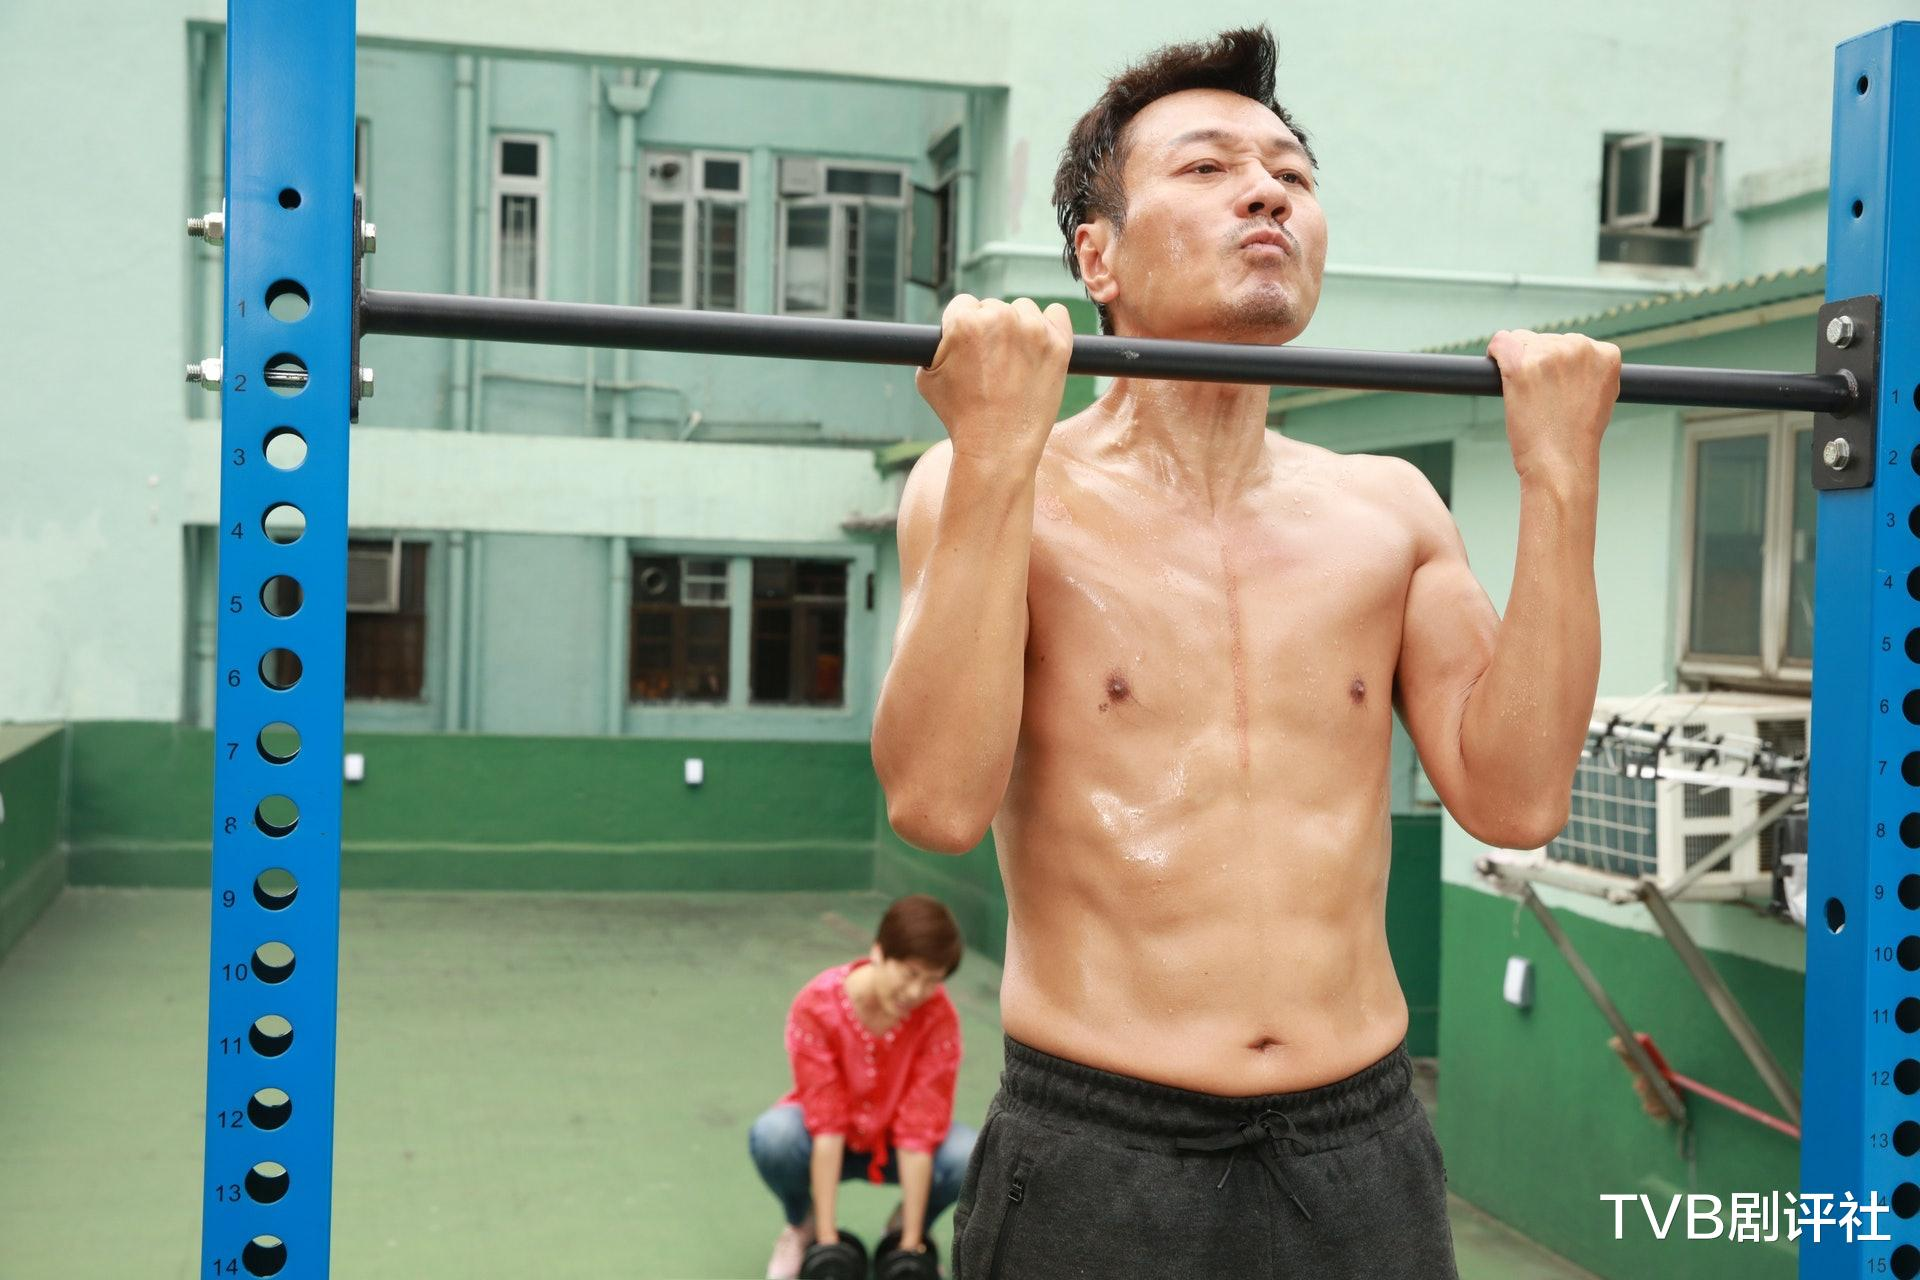 TVB開拍拳擊劇,與八年前劇同名同題材,網友:連劇名都懶得想-圖7